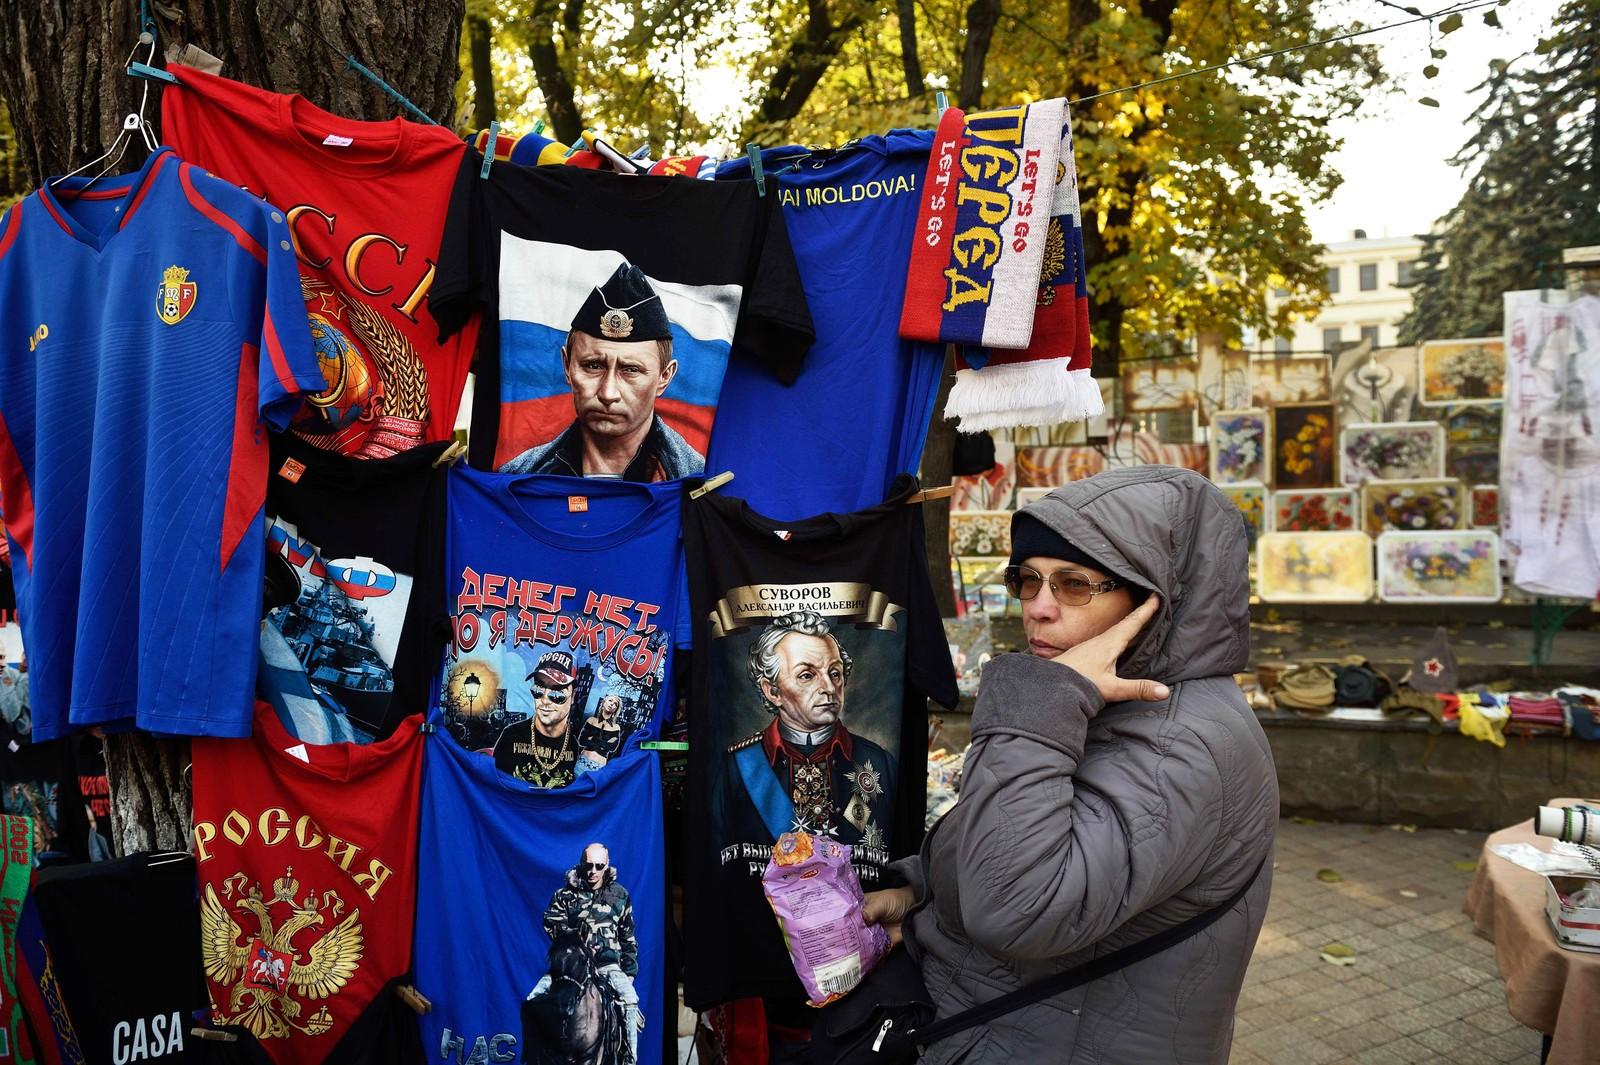 En gateselger i Chisinau selger t-skjorter med bilder av Vladimir Putin.